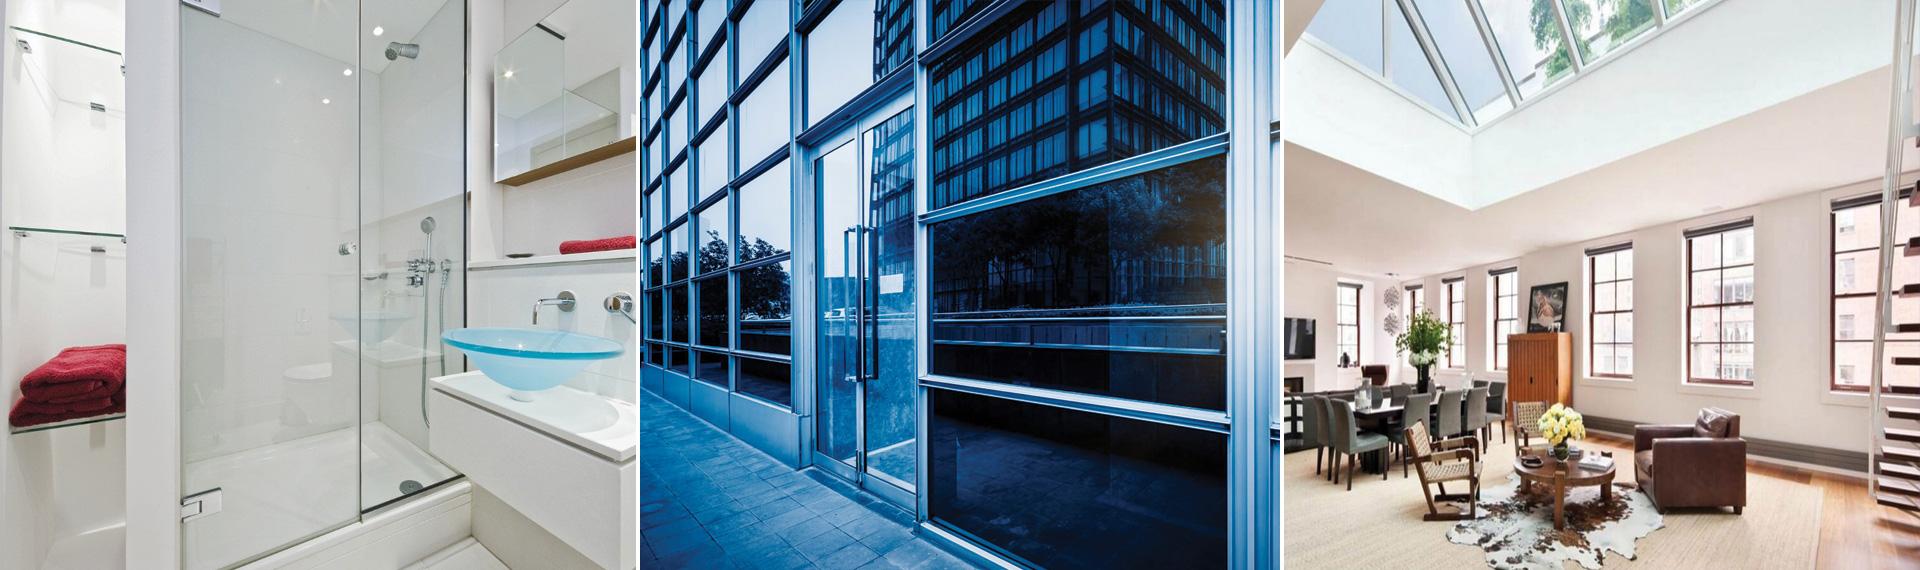 Zagora Glass Weymouth MA